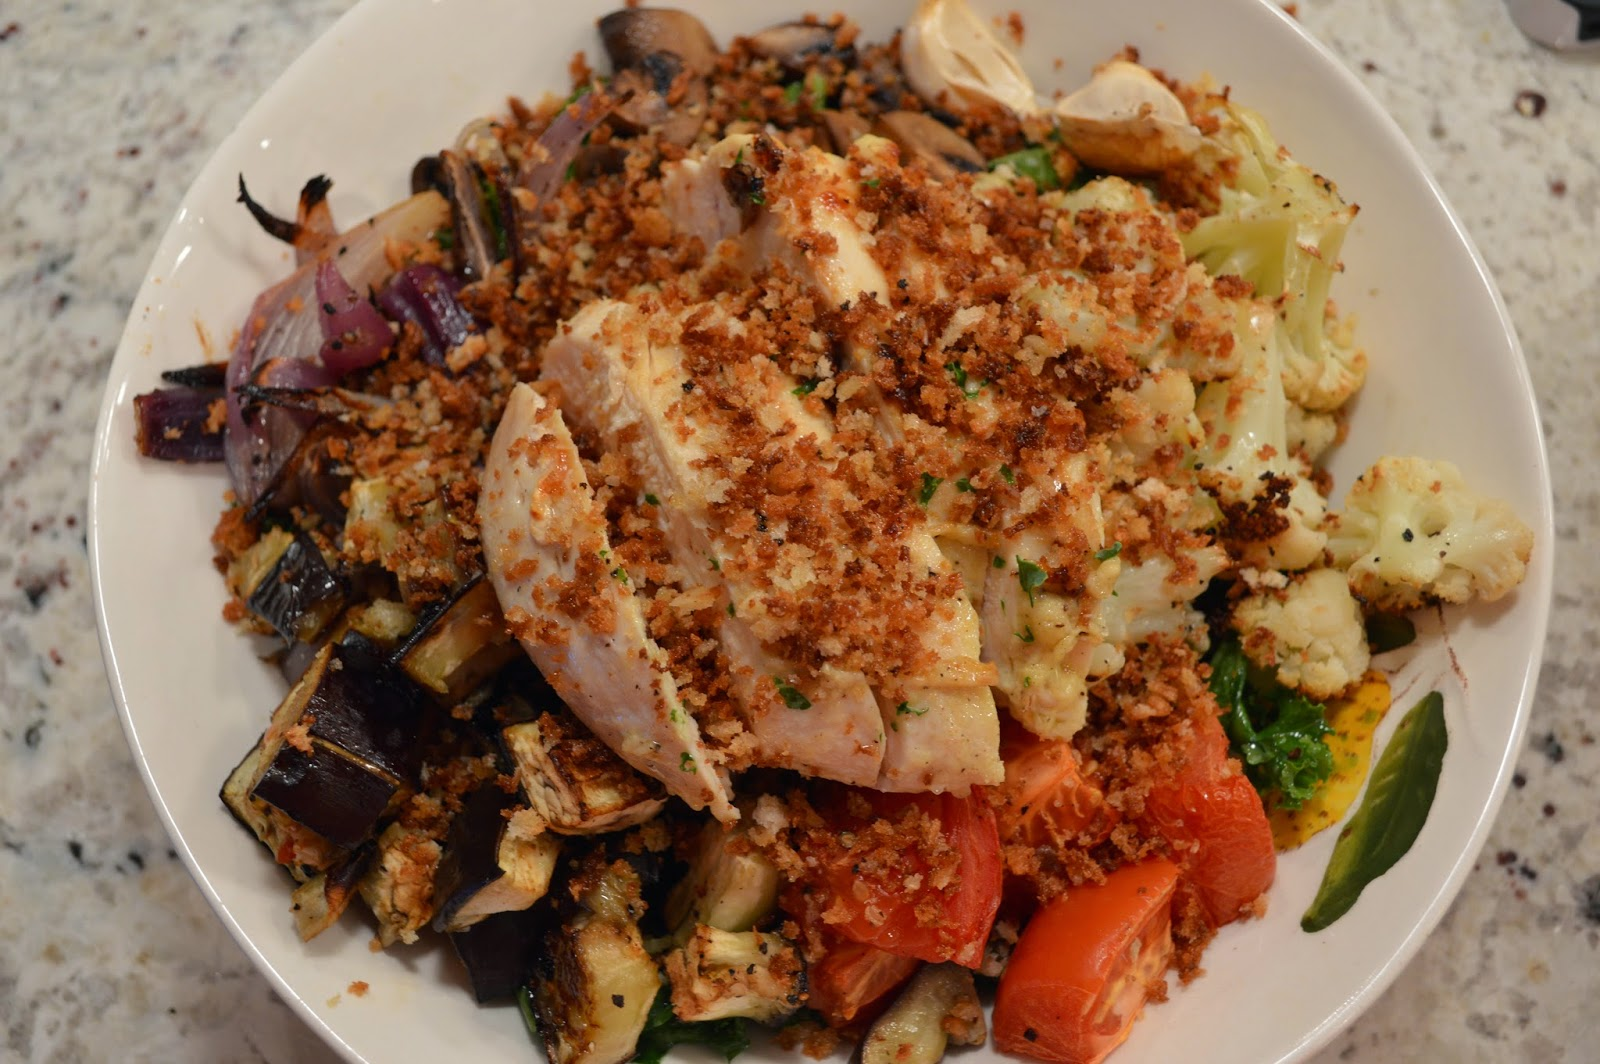 ... good food.: Roasted Balsamic Vegetables + Grilled Chicken Kale Bowl